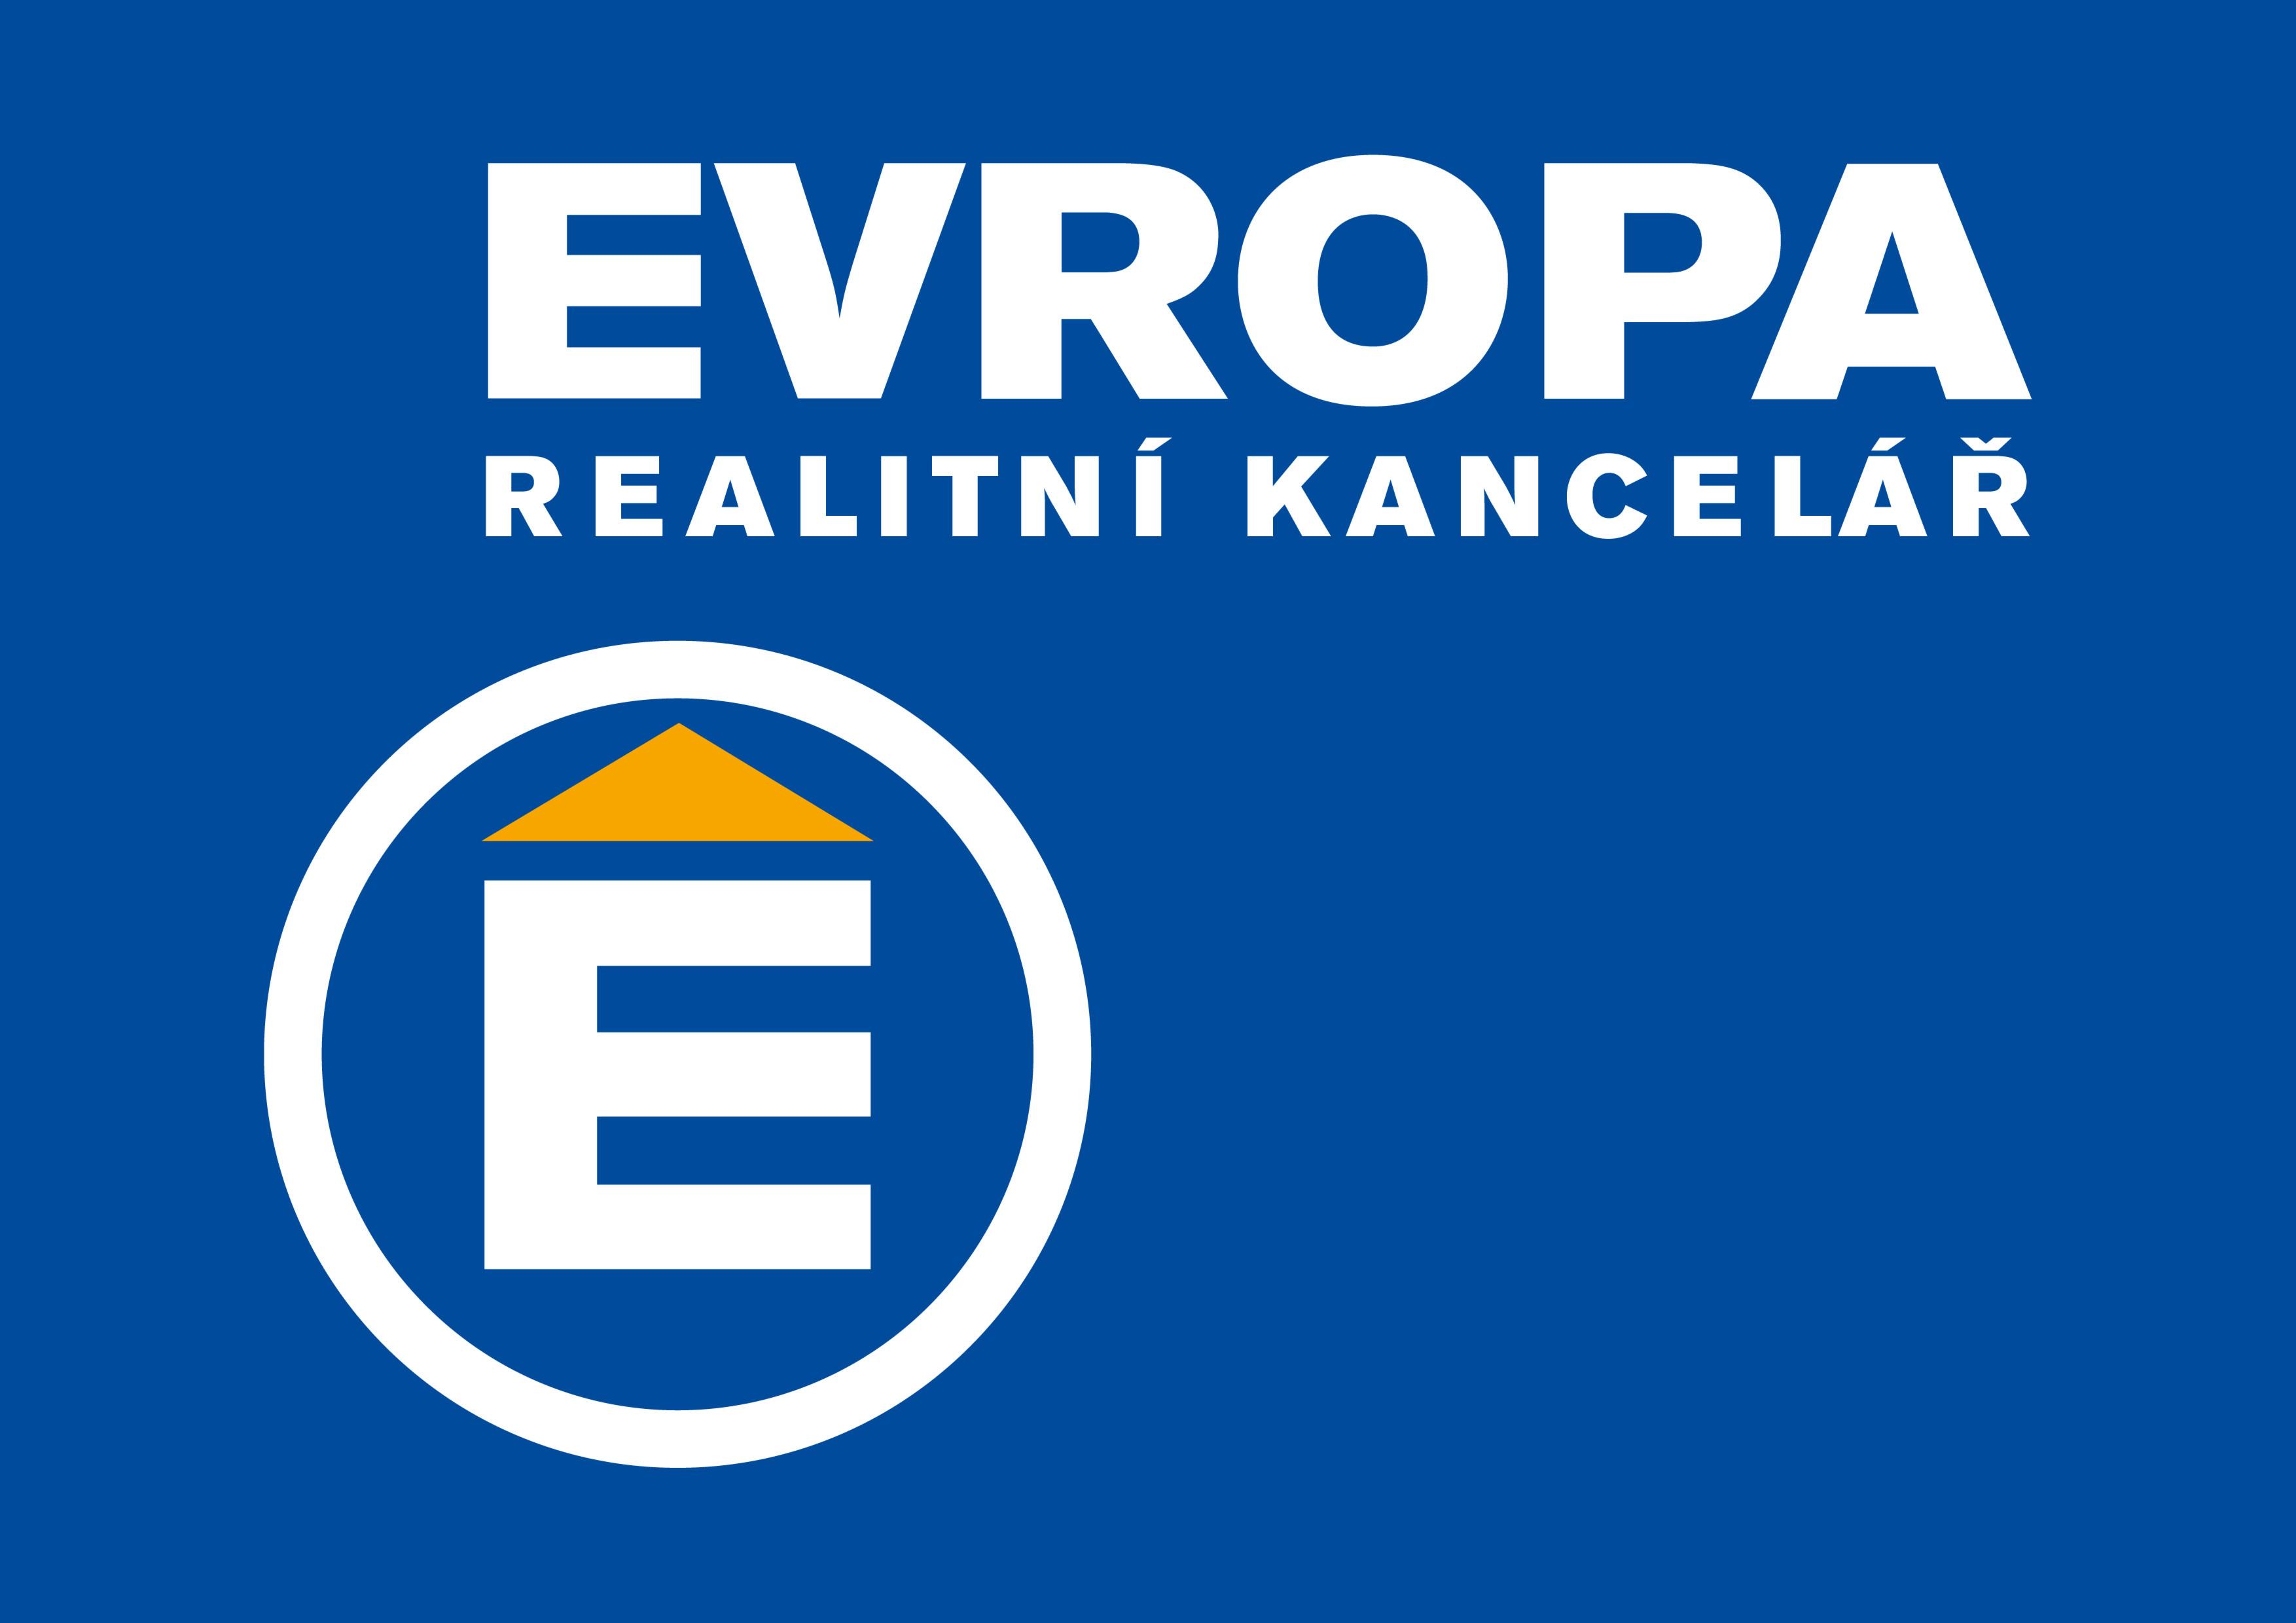 EVROPA realitní kancelář HAVLÍČKŮV BROD